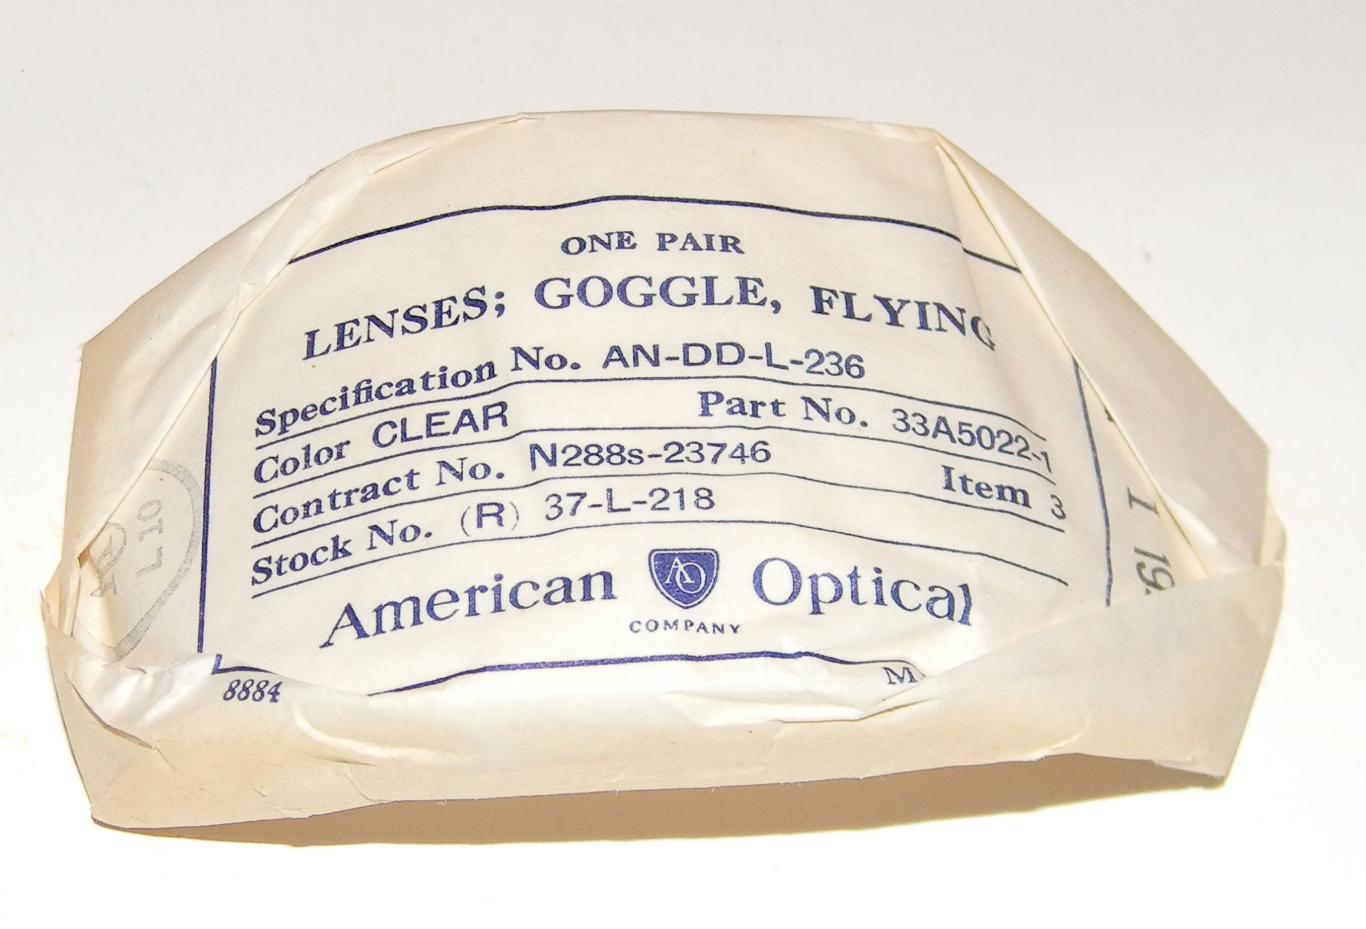 AAF / USN AO clear lenses for AN6530